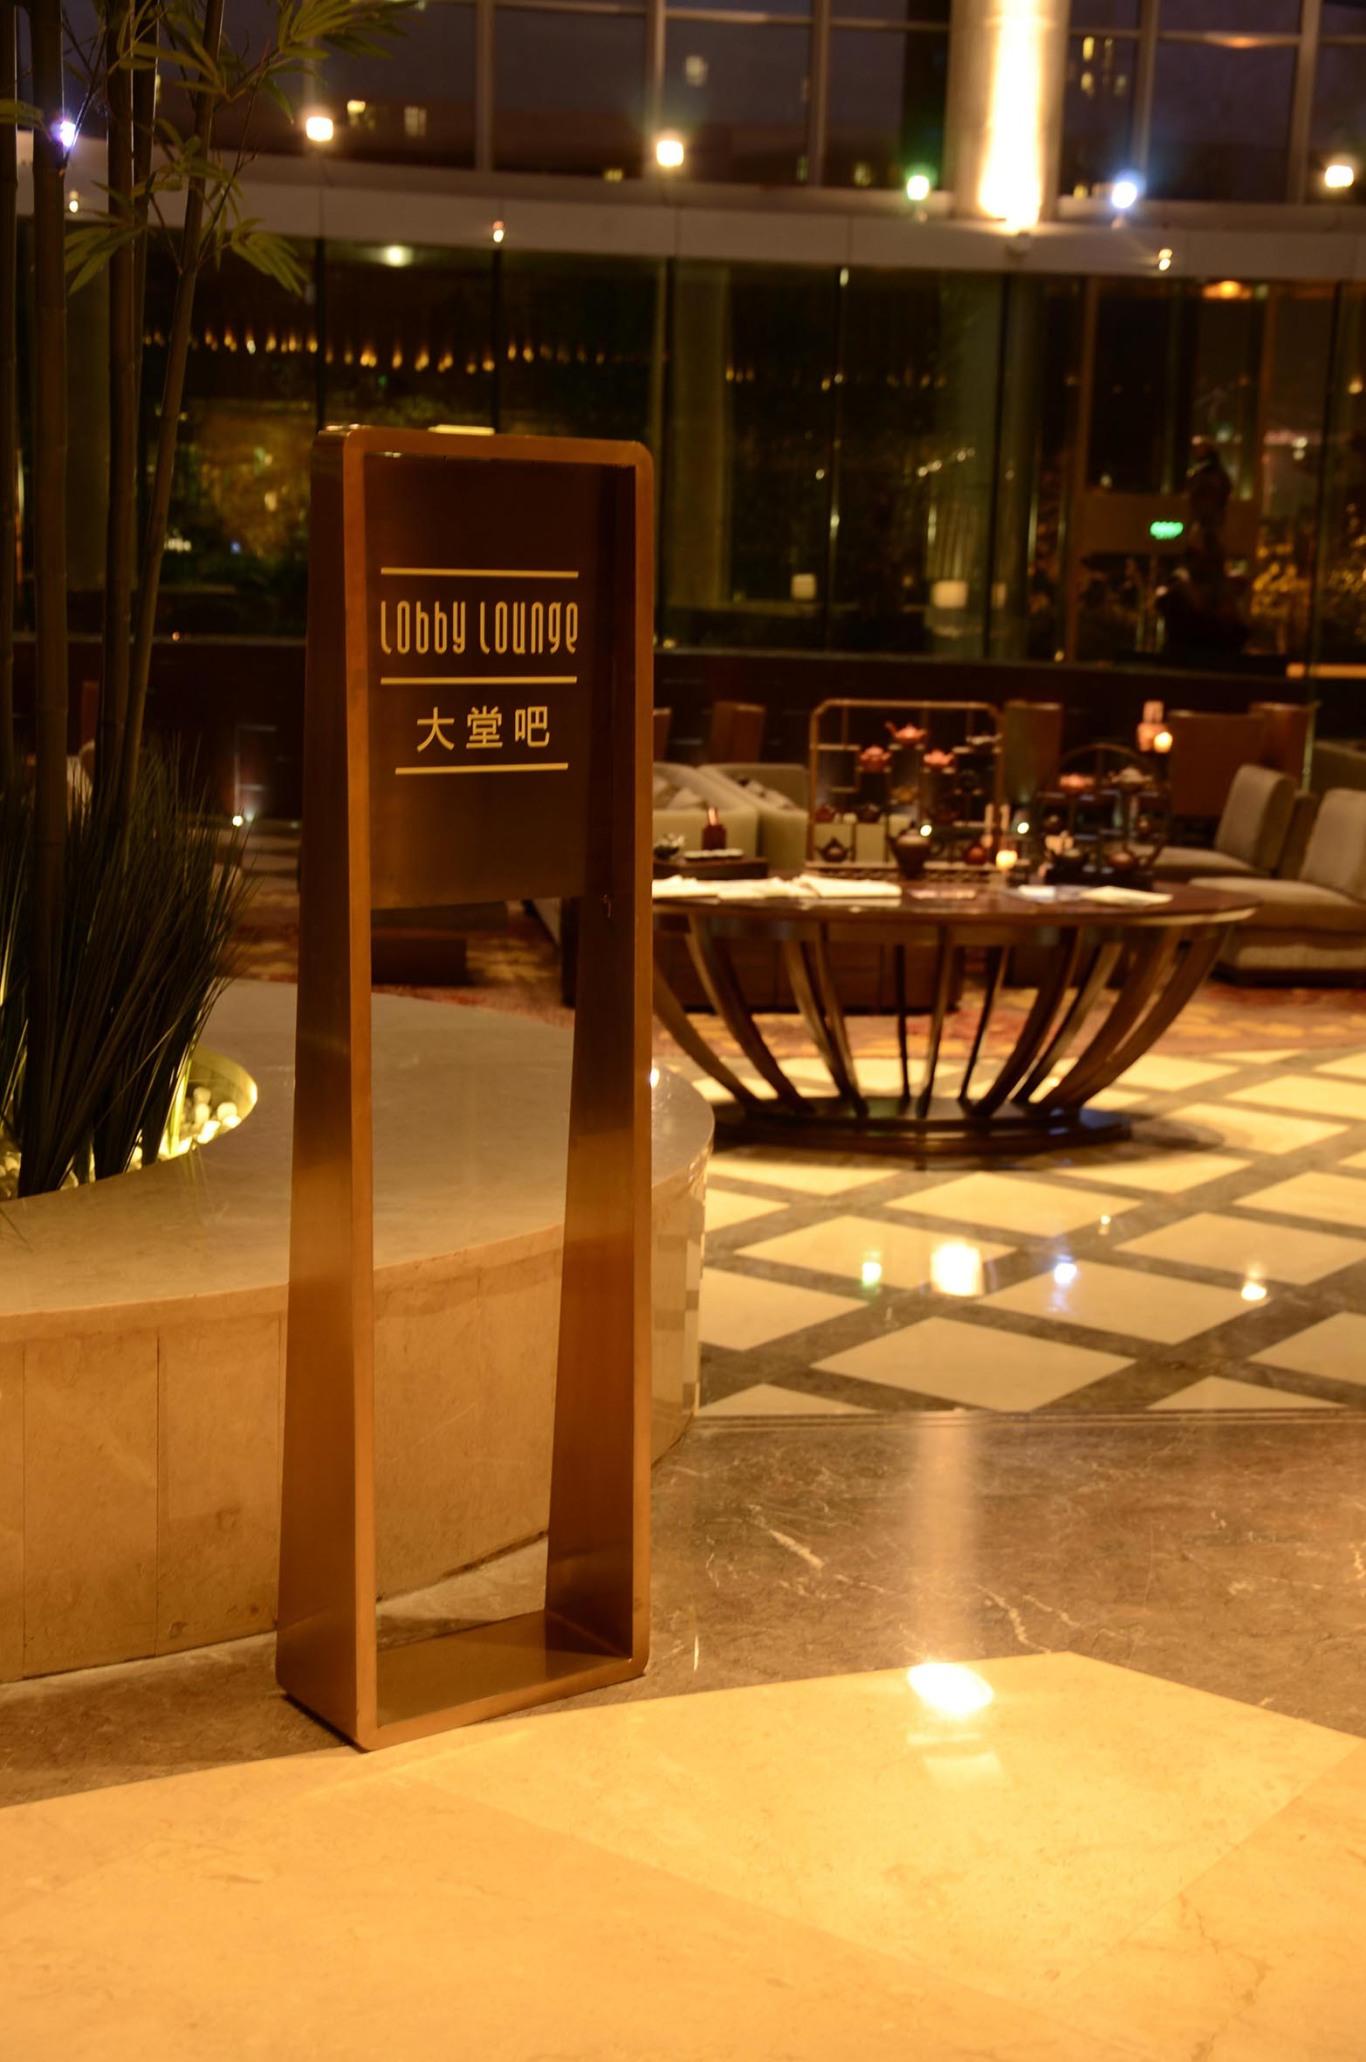 南京希尔顿酒店标识系统设计图1